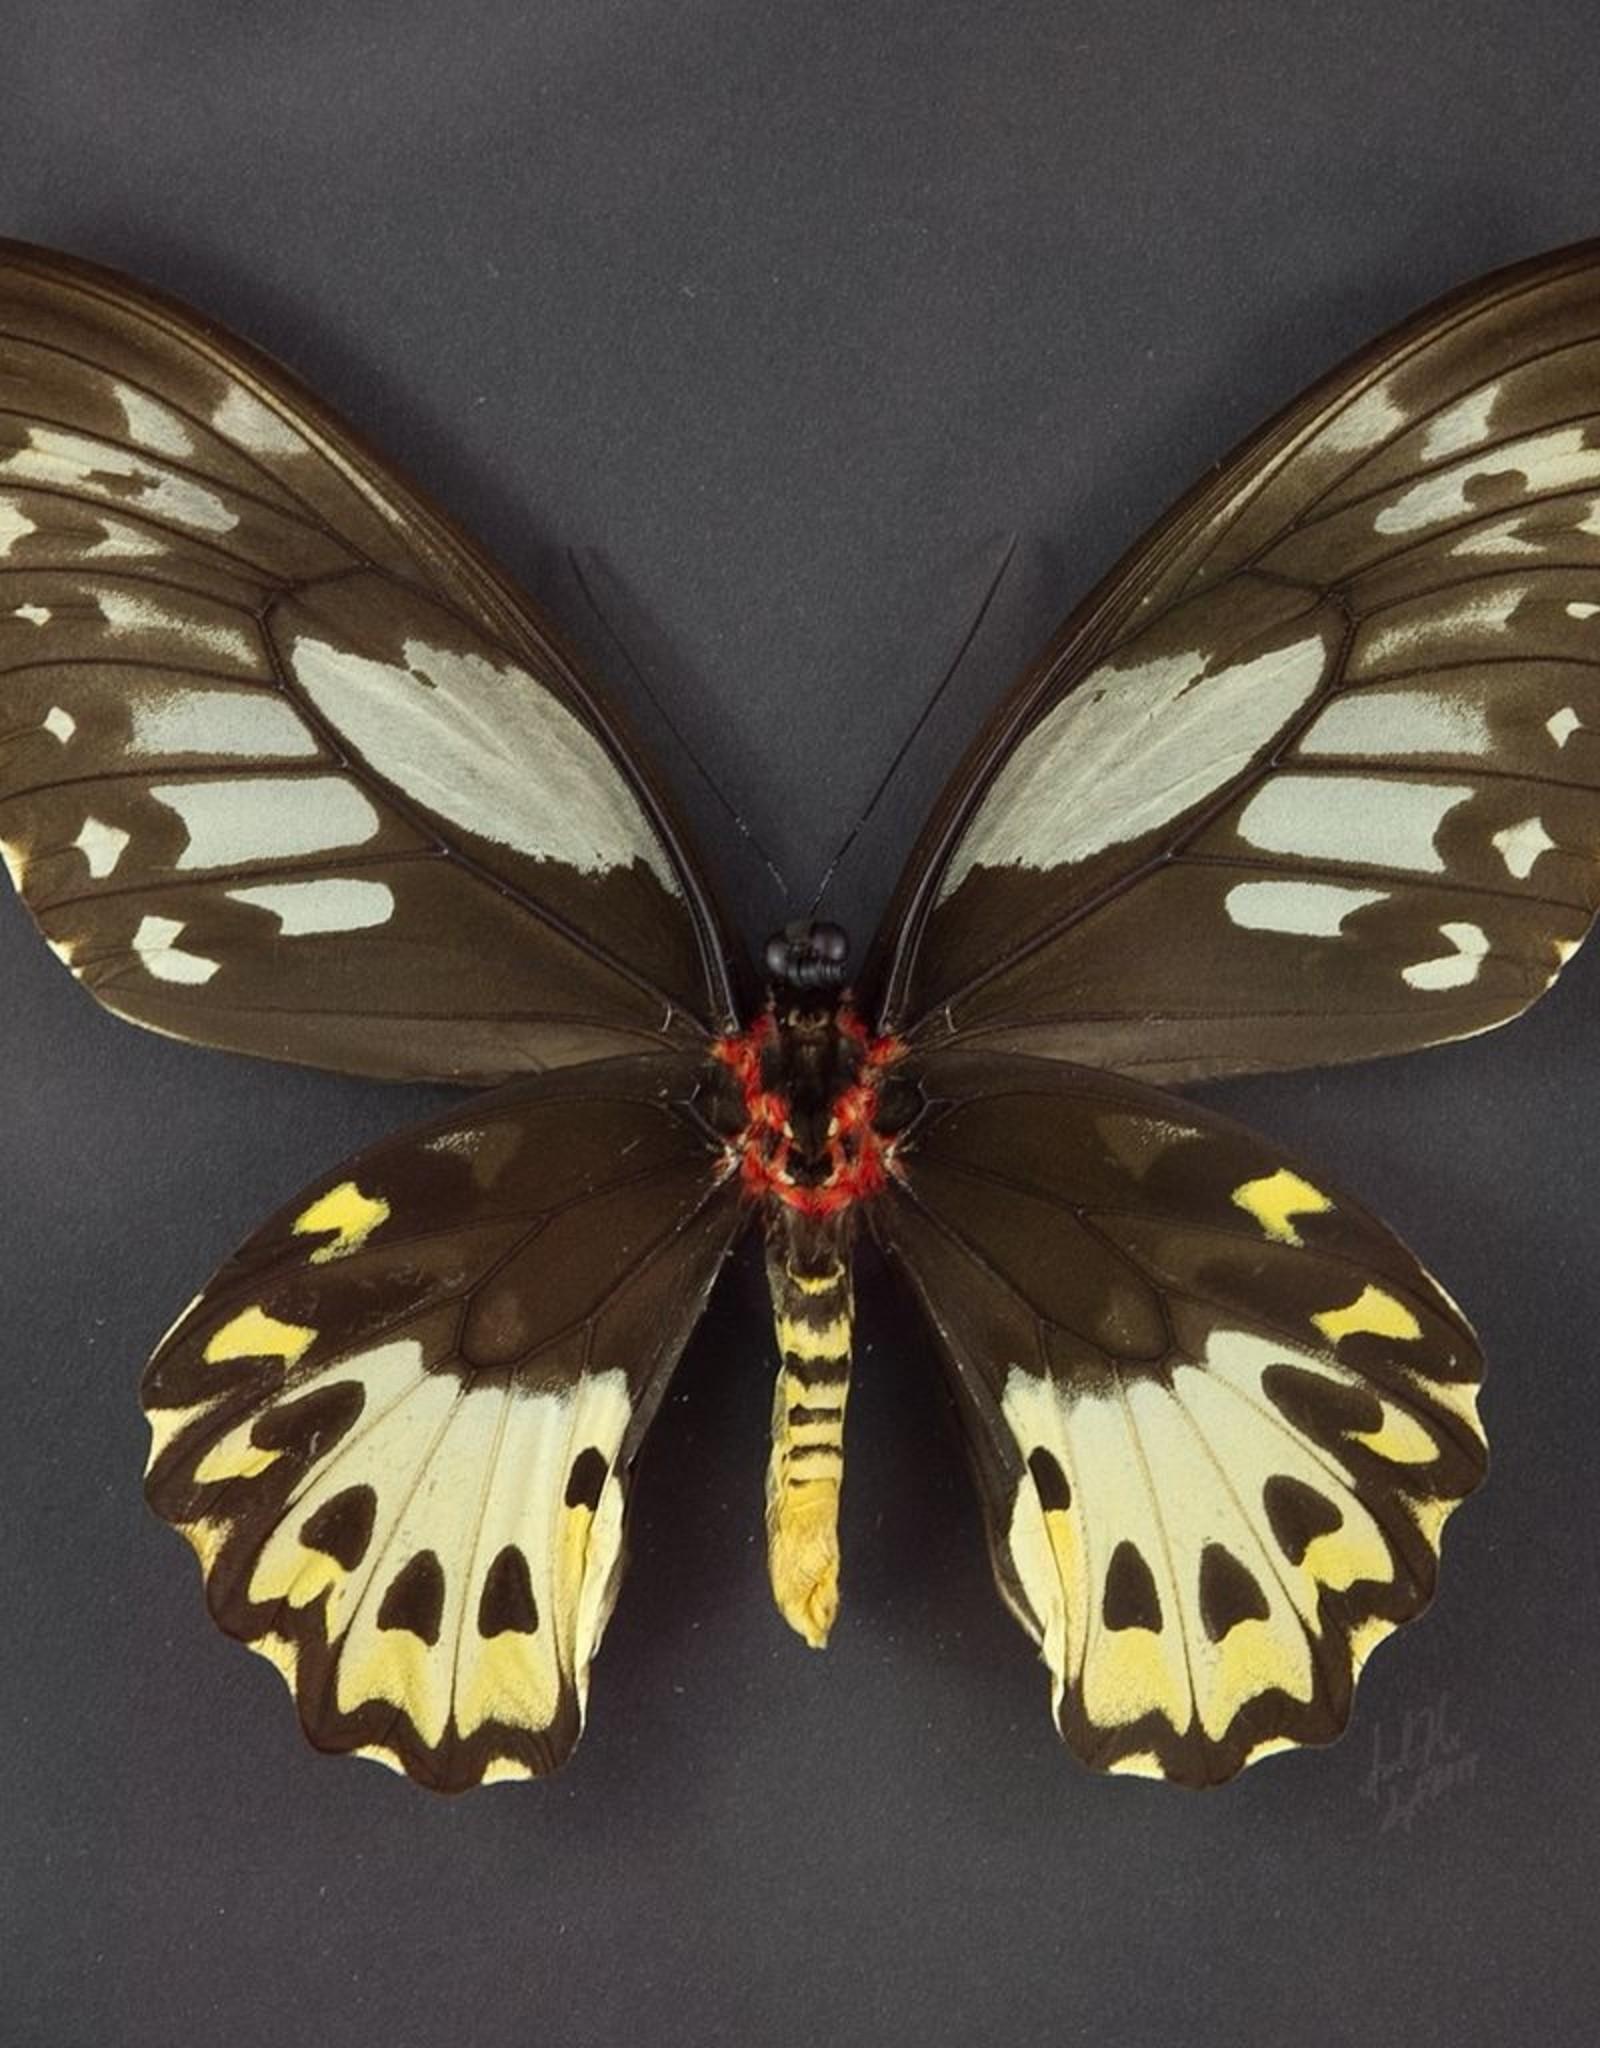 Ornithoptera priamus poseidon PAIR A1 Arfak, Irian Jaya, Indonesia